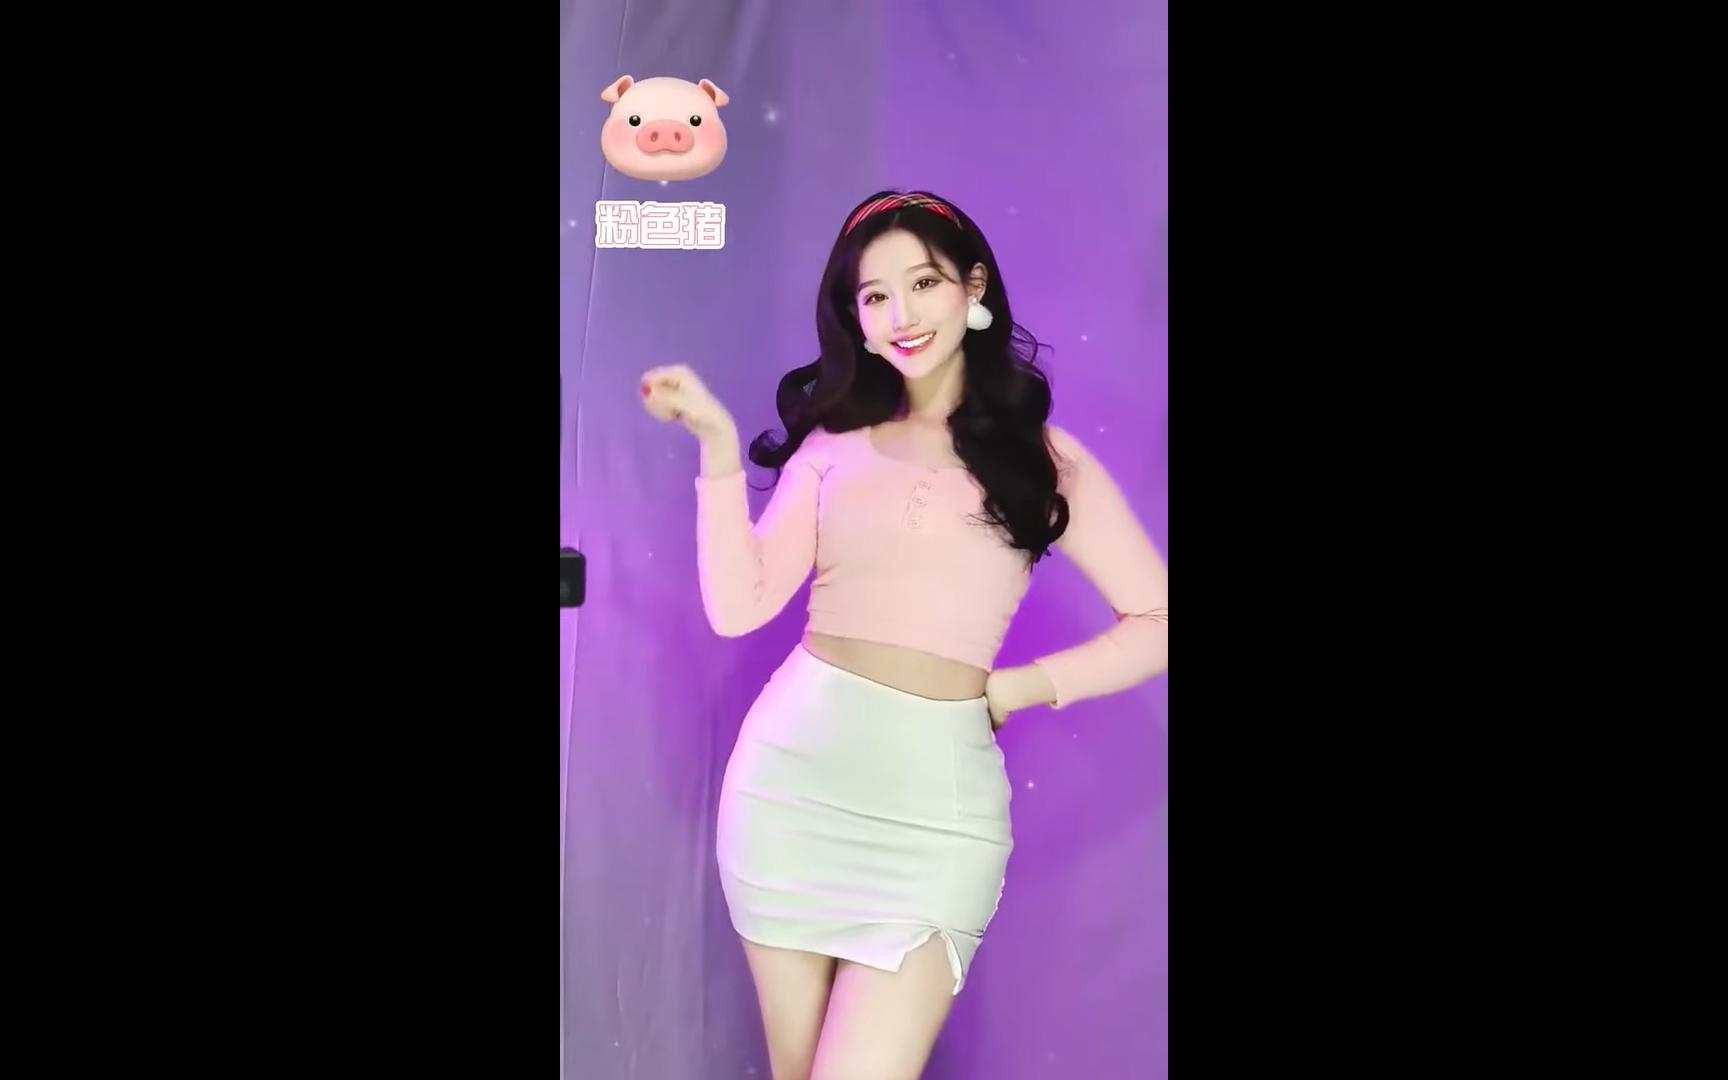 這個身材能撩到你嗎 - 全網最美小姐姐Top10 - 性感美女(2021)